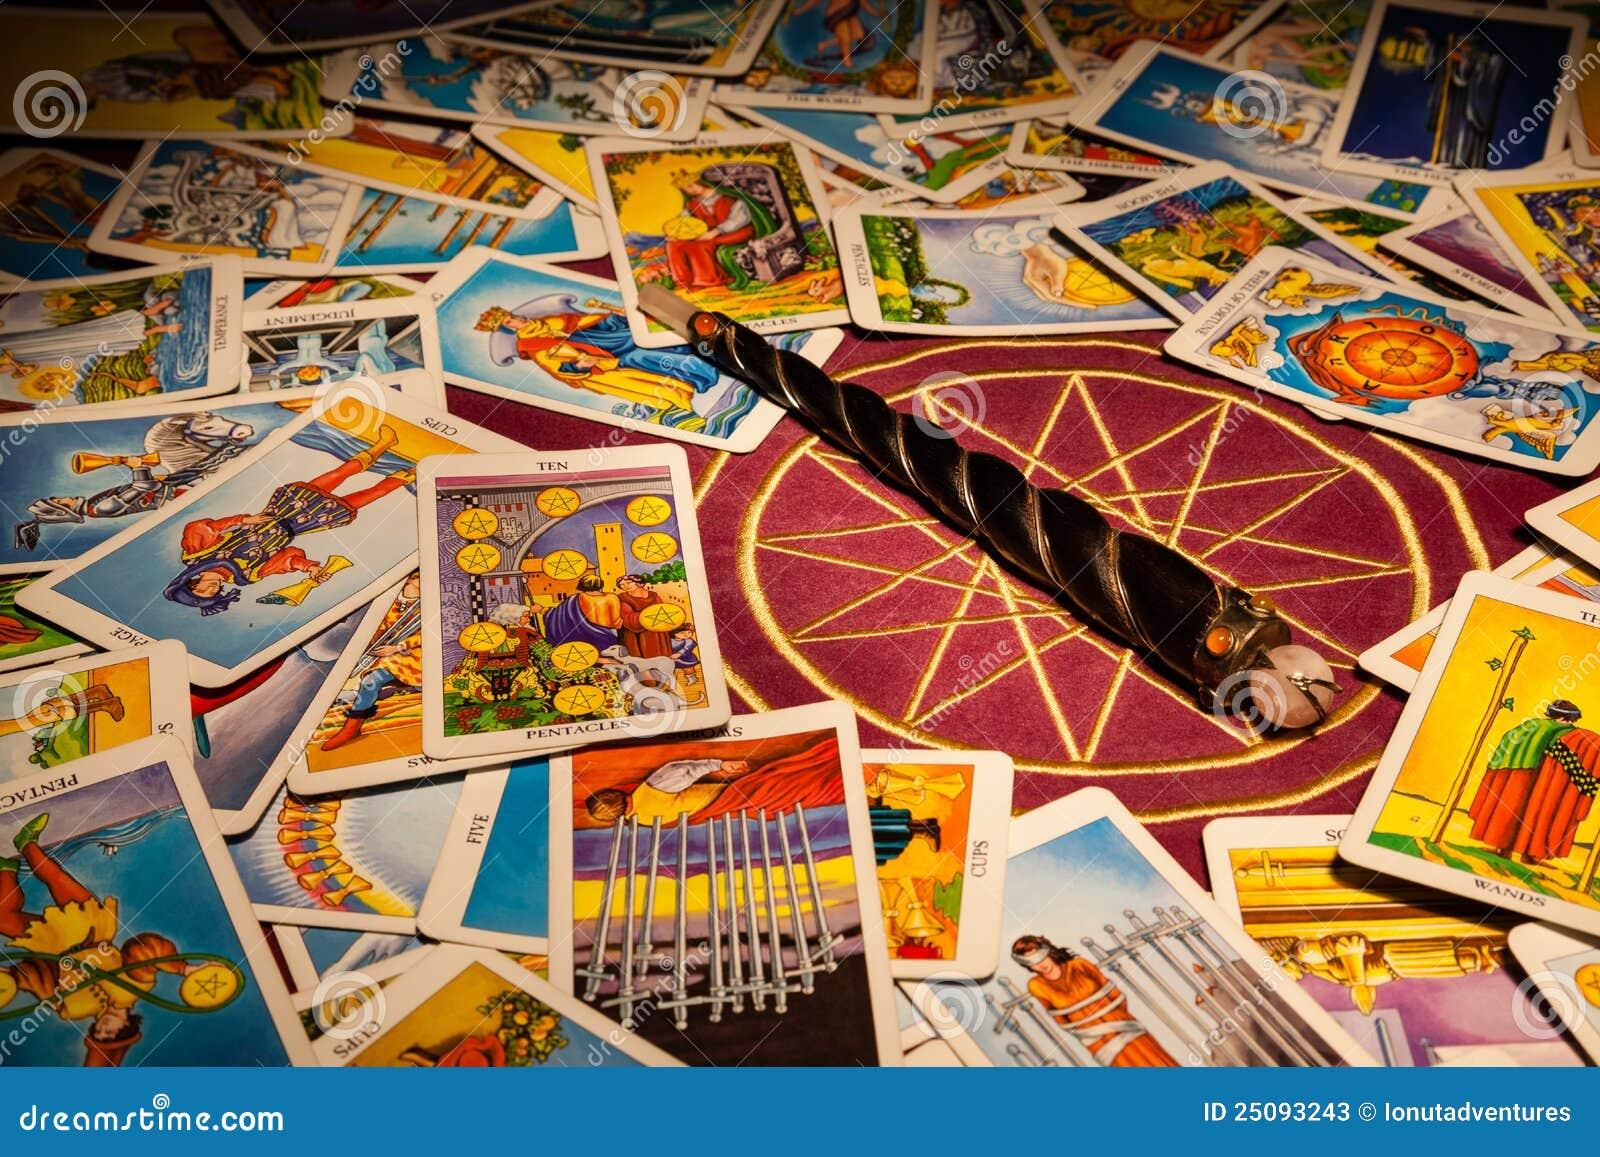 Tarot cards with a magic wand.